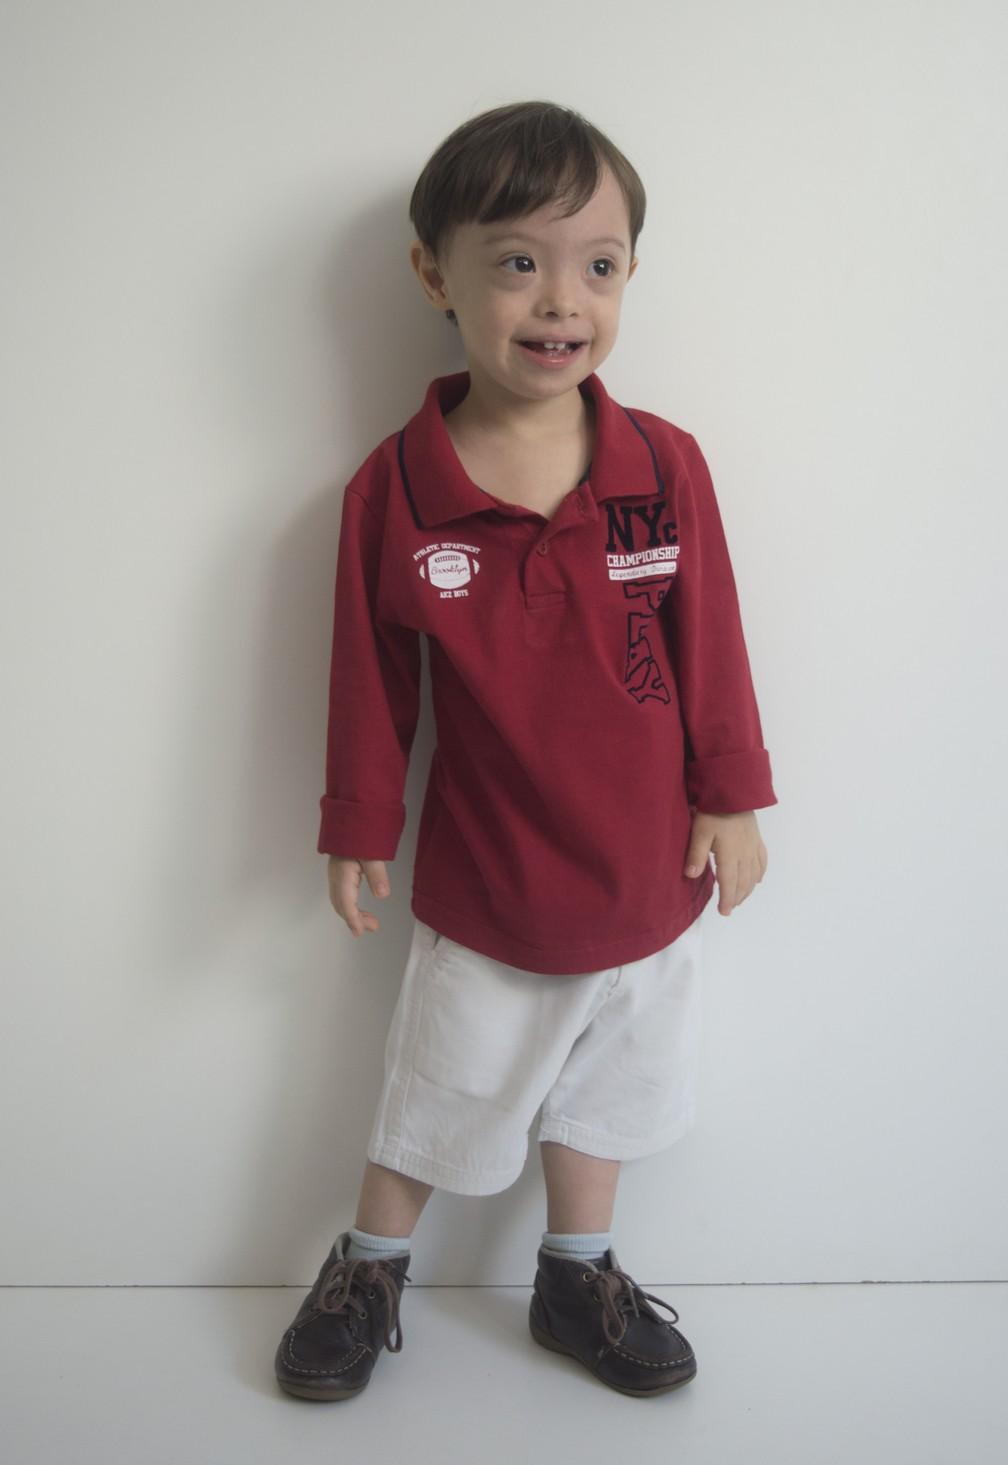 Pai do Benjamin diz que é importante incluir as crianças com deficiência em toda sociedade (Foto: Bárbara Oliveira/Gallvão Model/Divulgação)